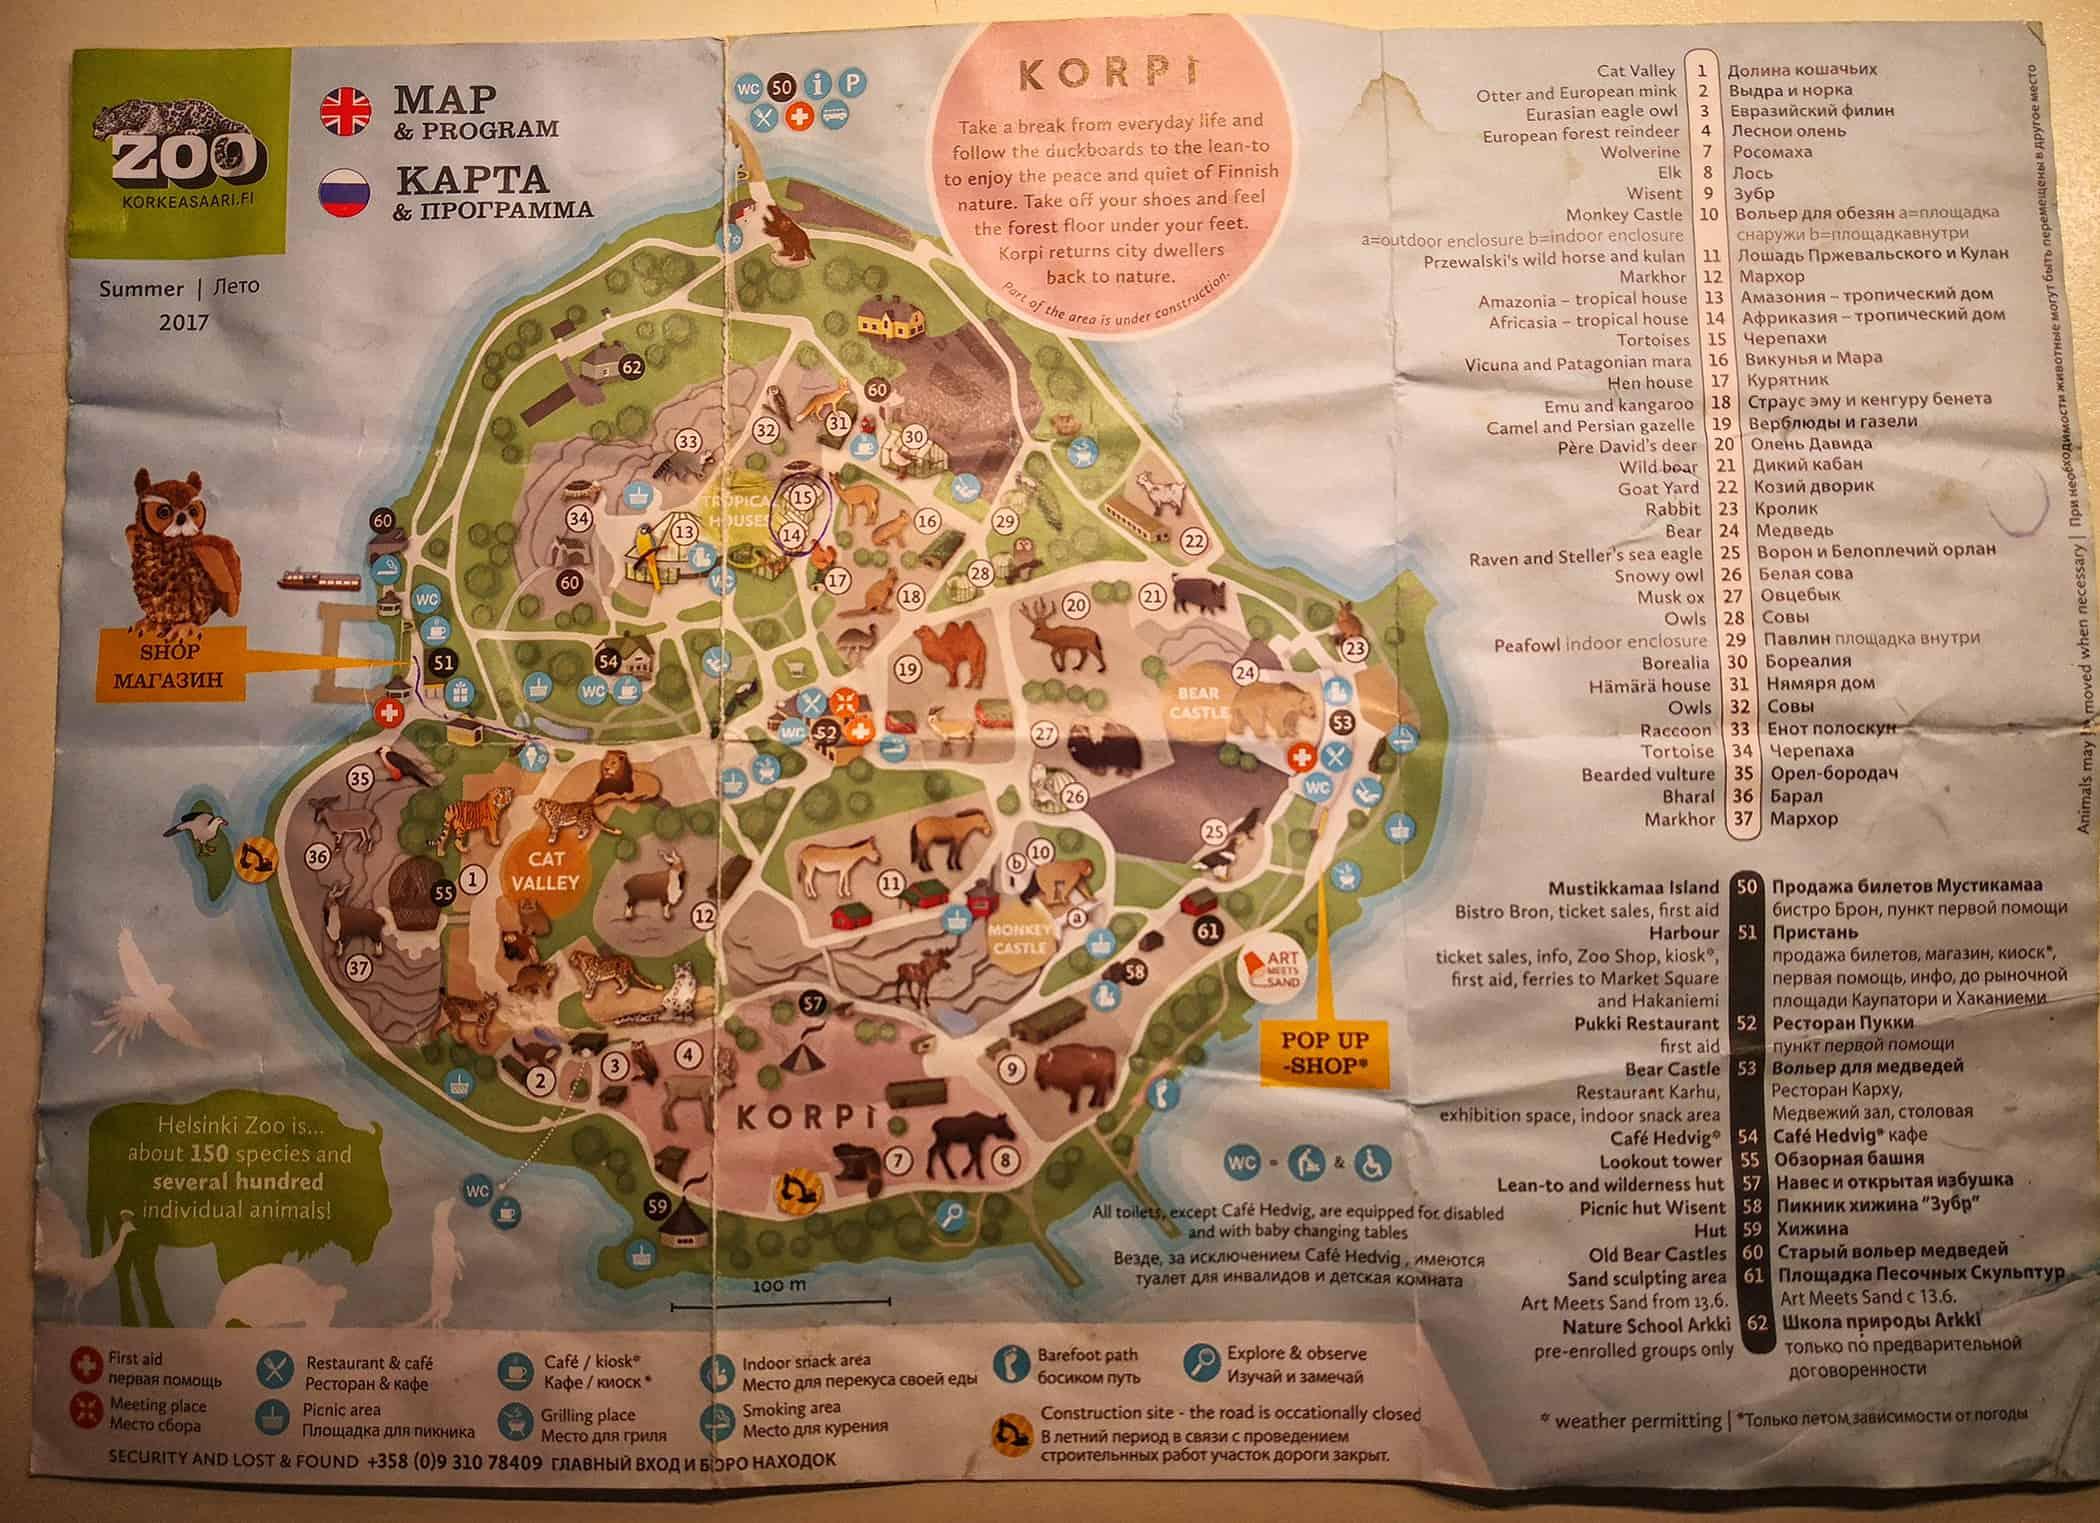 Ο χάρτης του ζωολογικού κήπου του Ελσίνκι